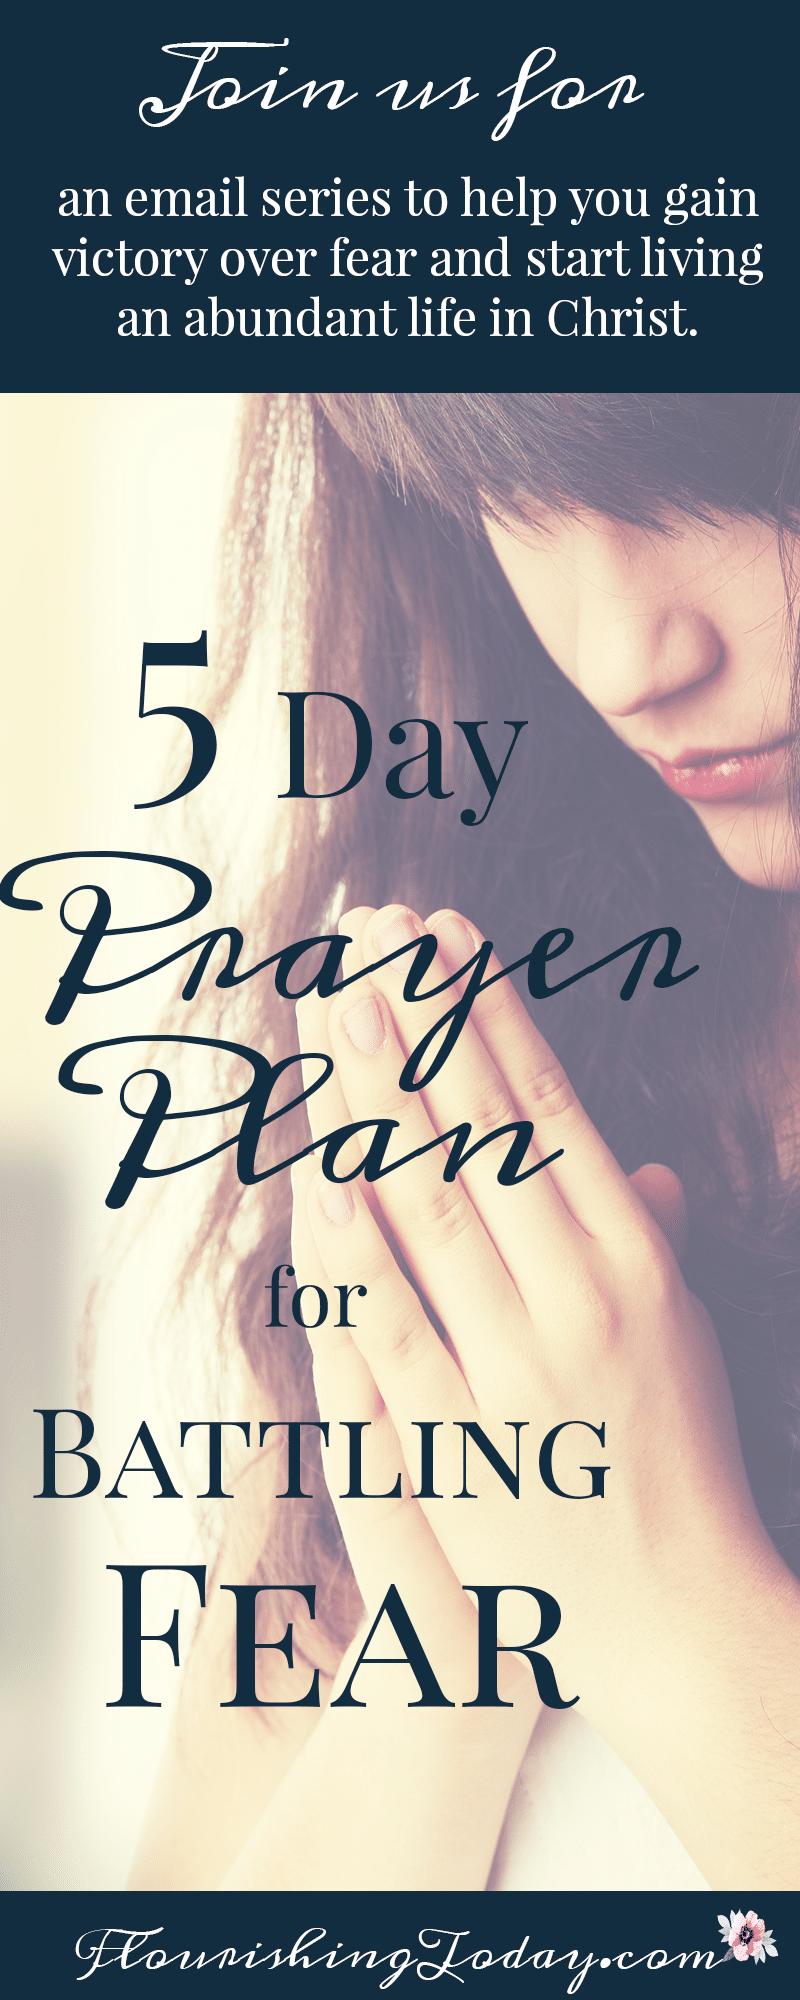 Prayer Plan for Battling Fear | Overcoming Fear | Bible Verses on Fear | Fear Fighting |